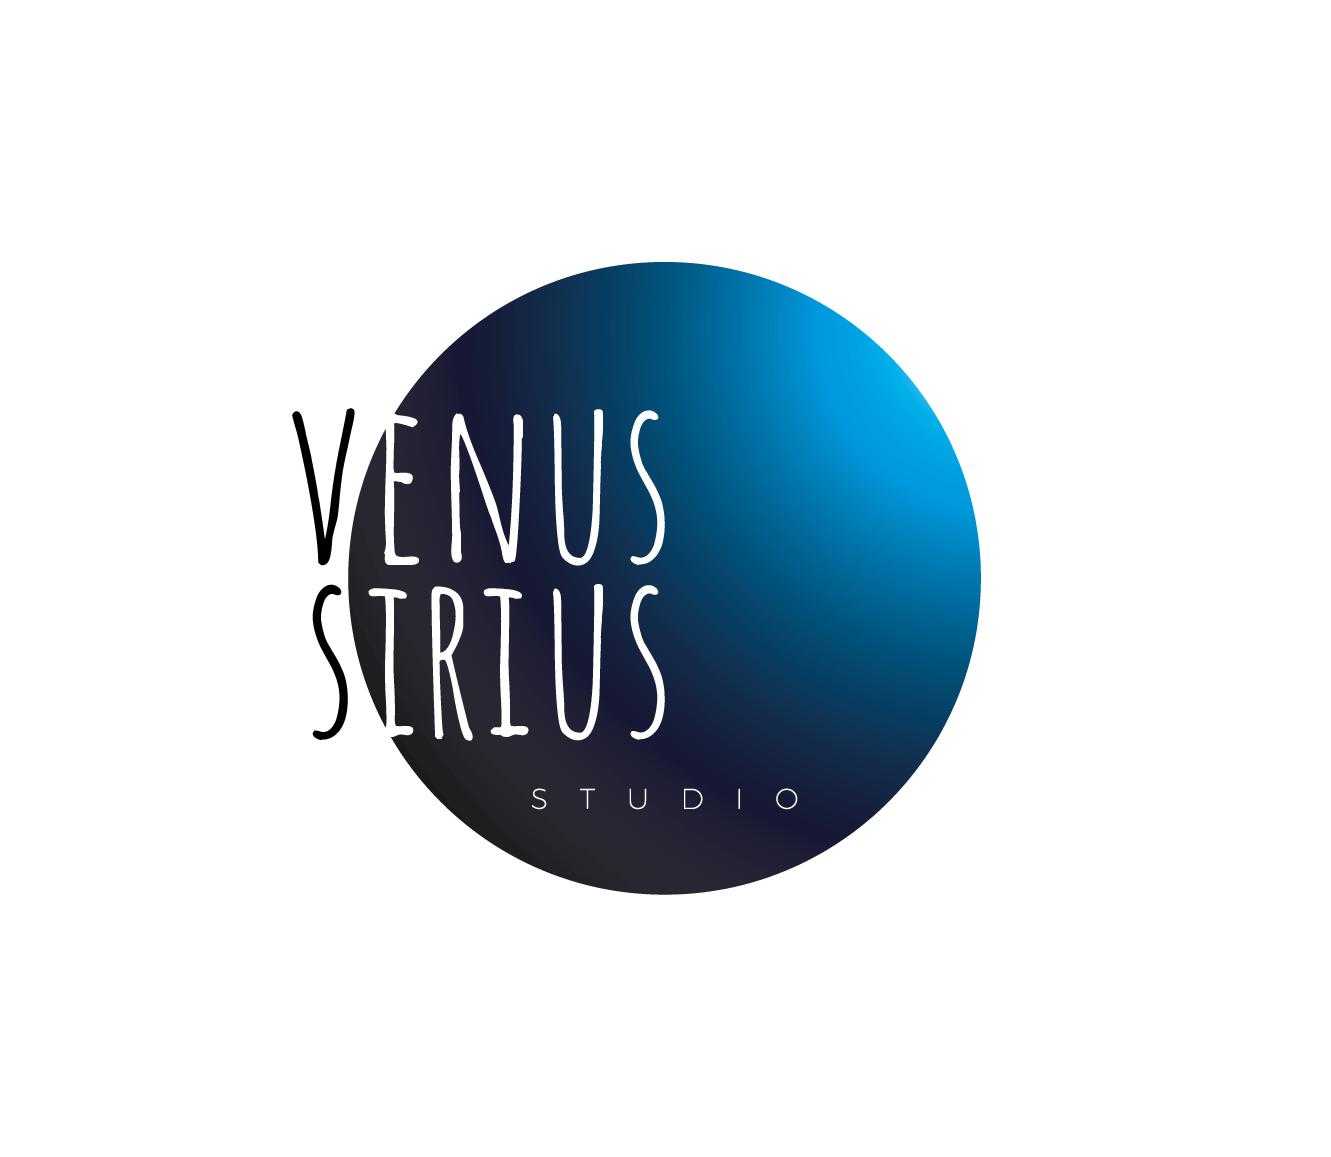 Venüs Sirius